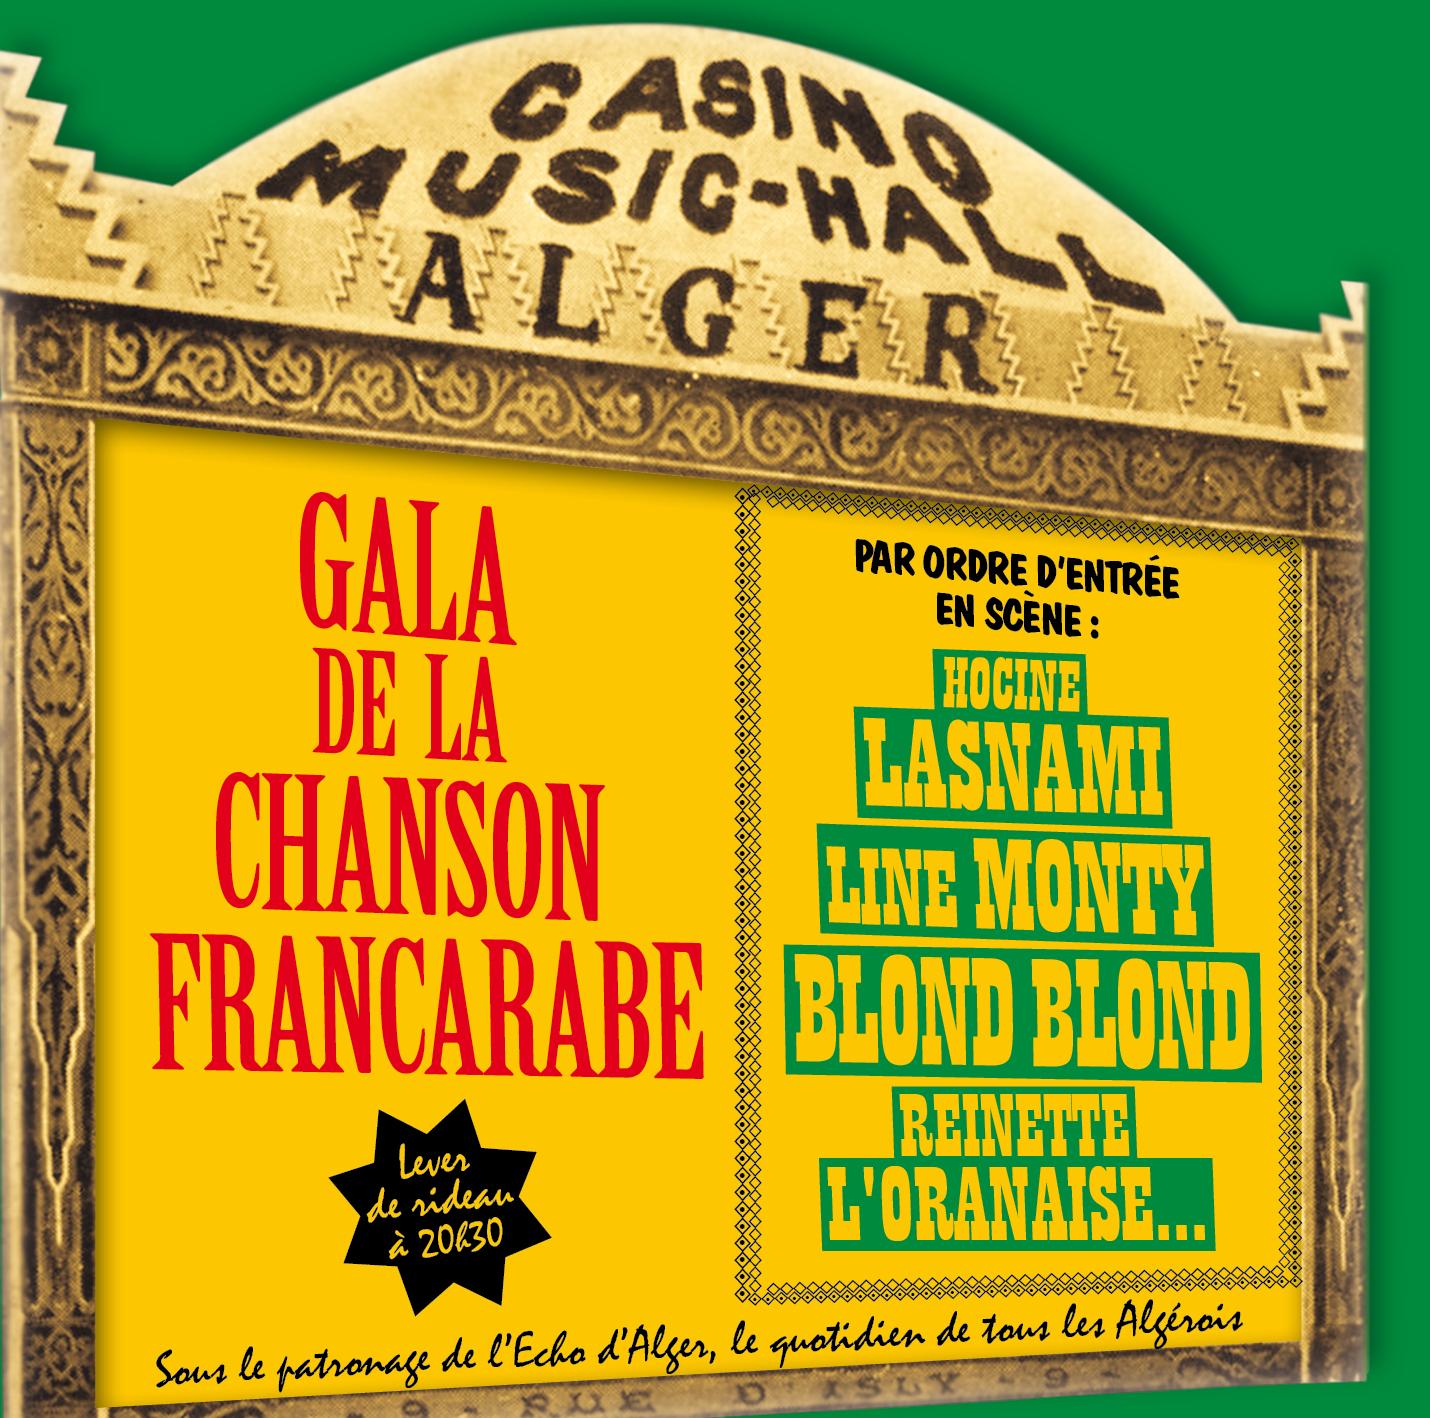 Gala de la Chanson Francarabe